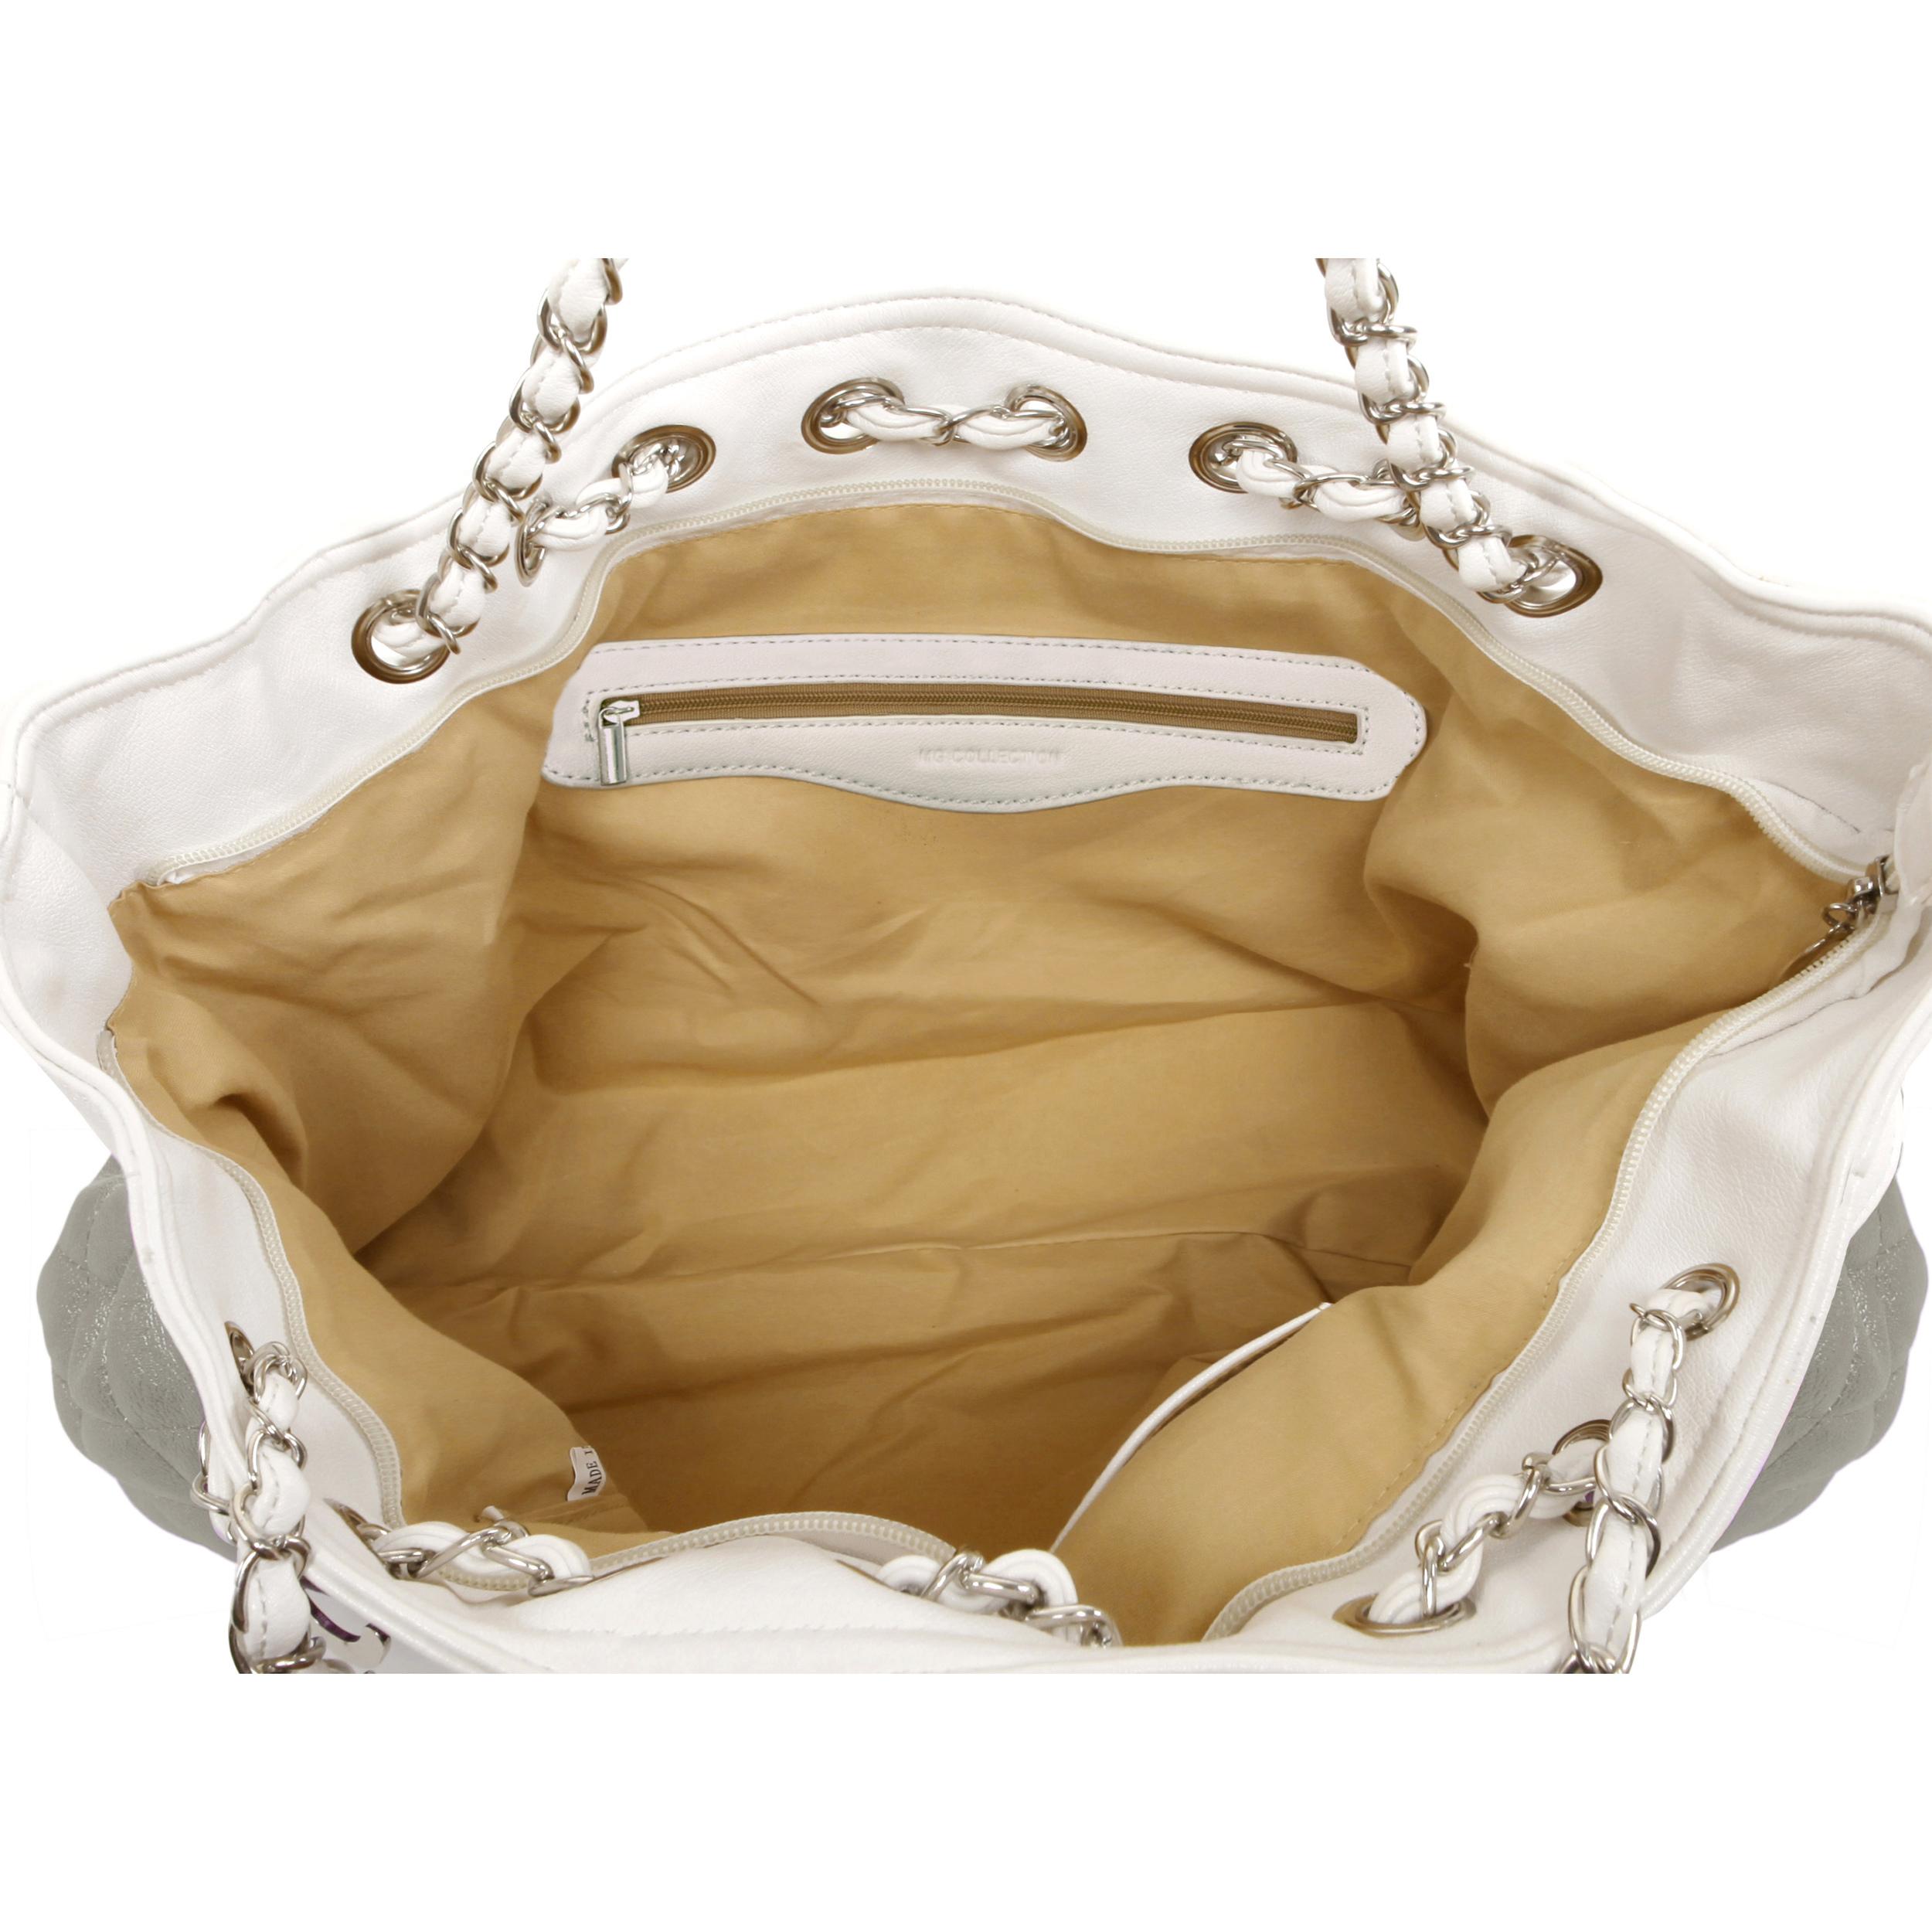 CAMRYN Grey Shoulder Tote Handbag Interior